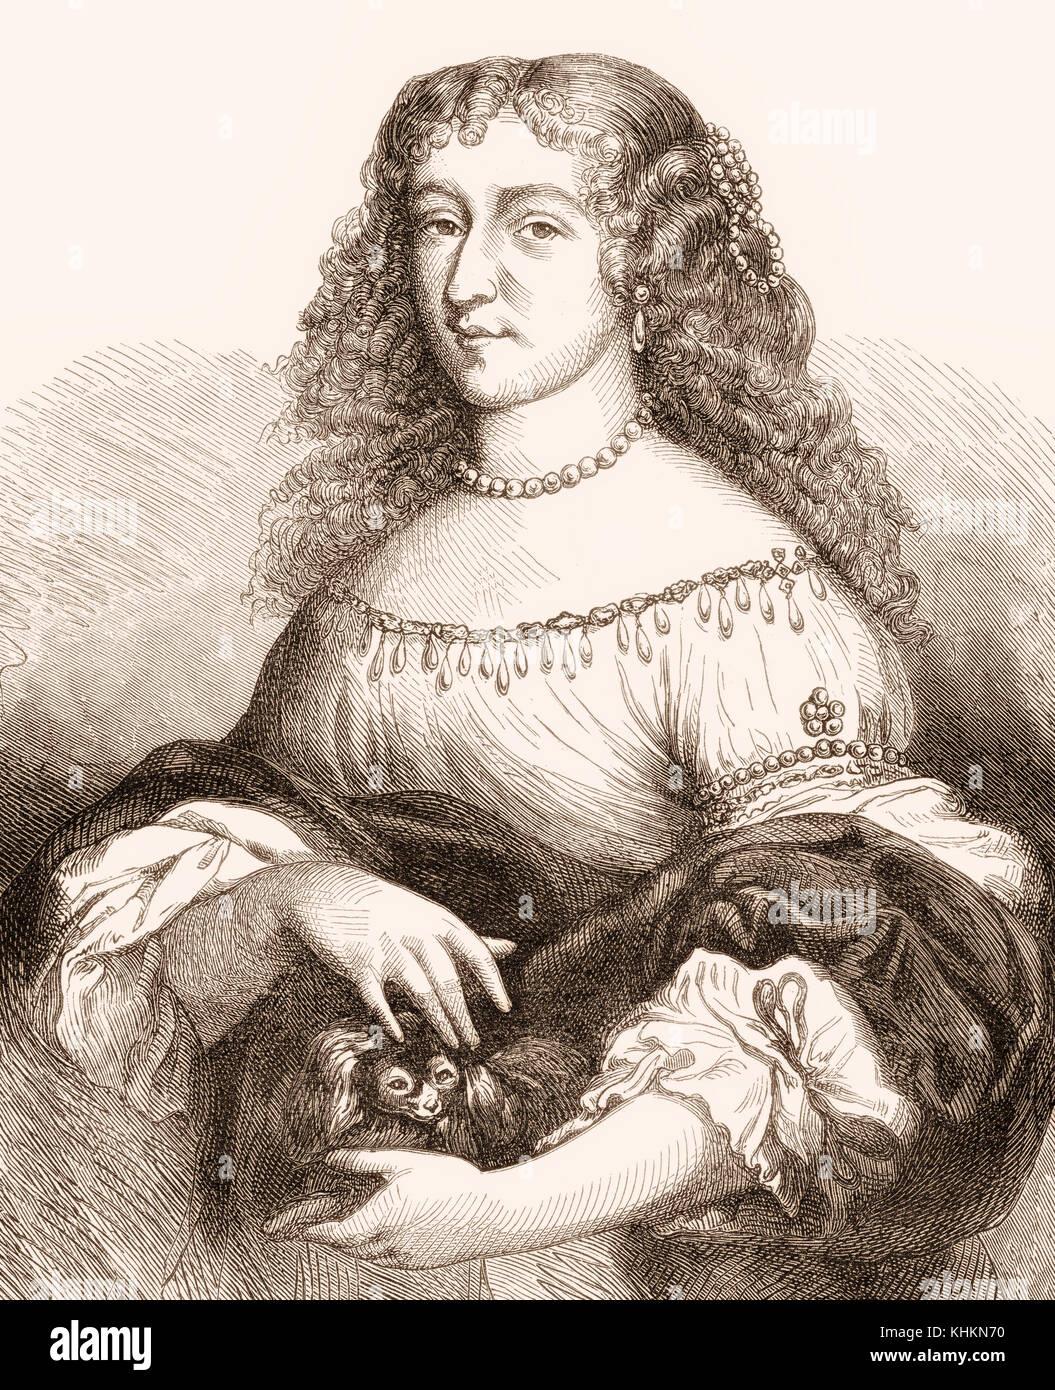 Christina ou Kristina de Suède, 1626 - 1689, la reine de Suède Banque D'Images